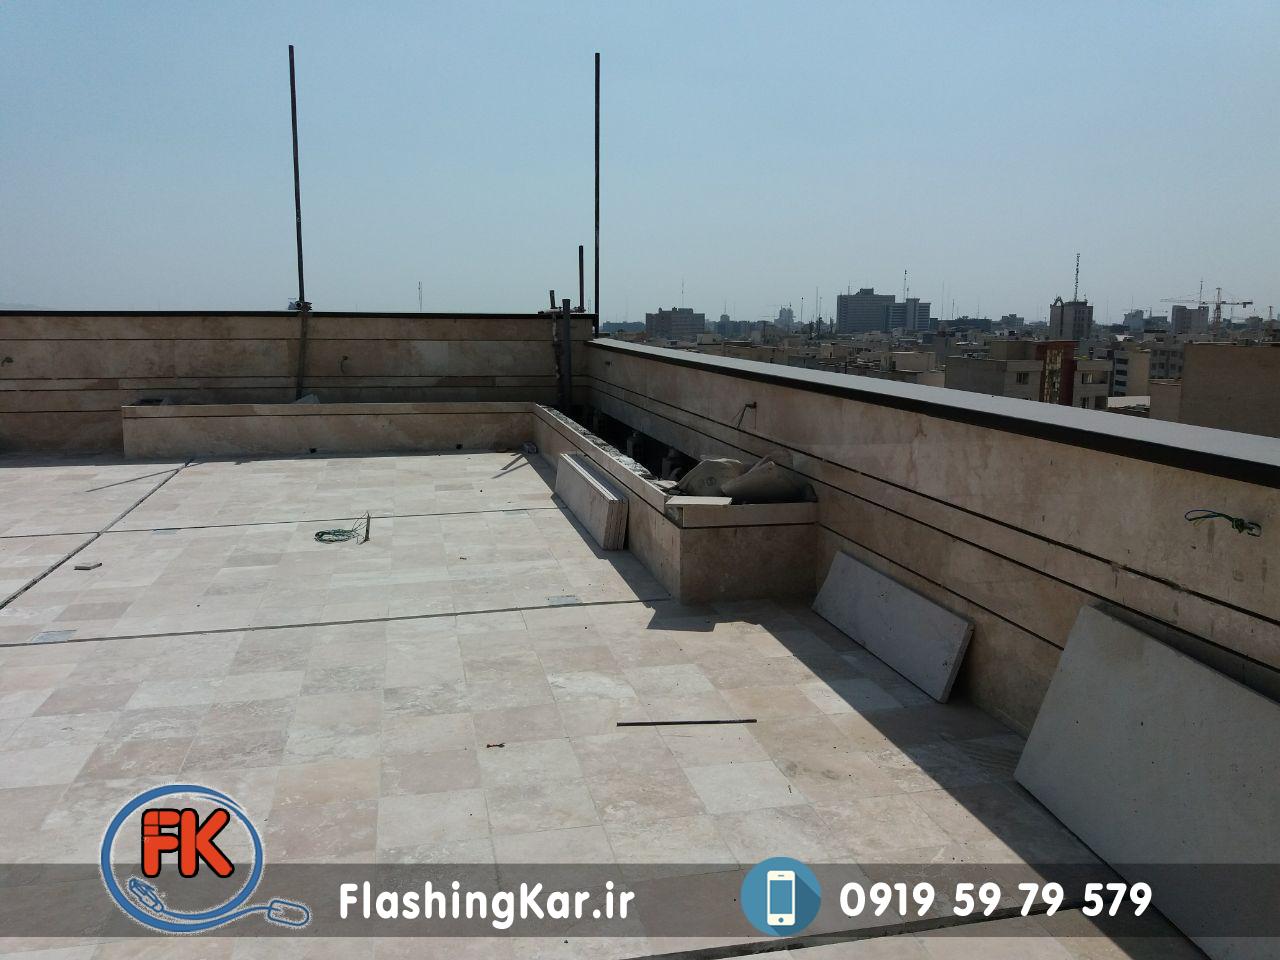 اجرای فلاشینگ ساختمان و پشت بام